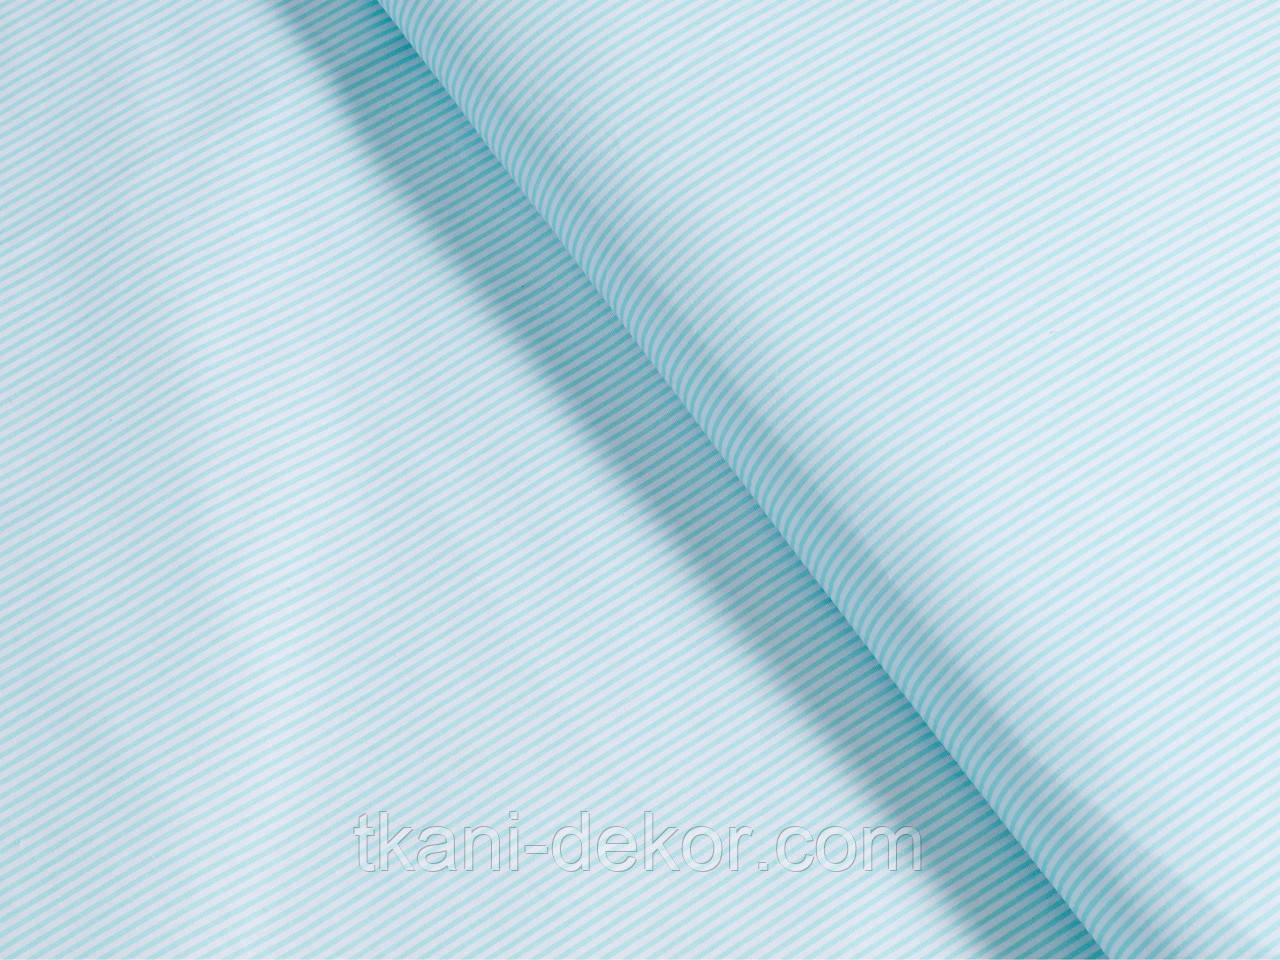 Сатин (хлопковая ткань) мятная мелкая полоска (35*160)